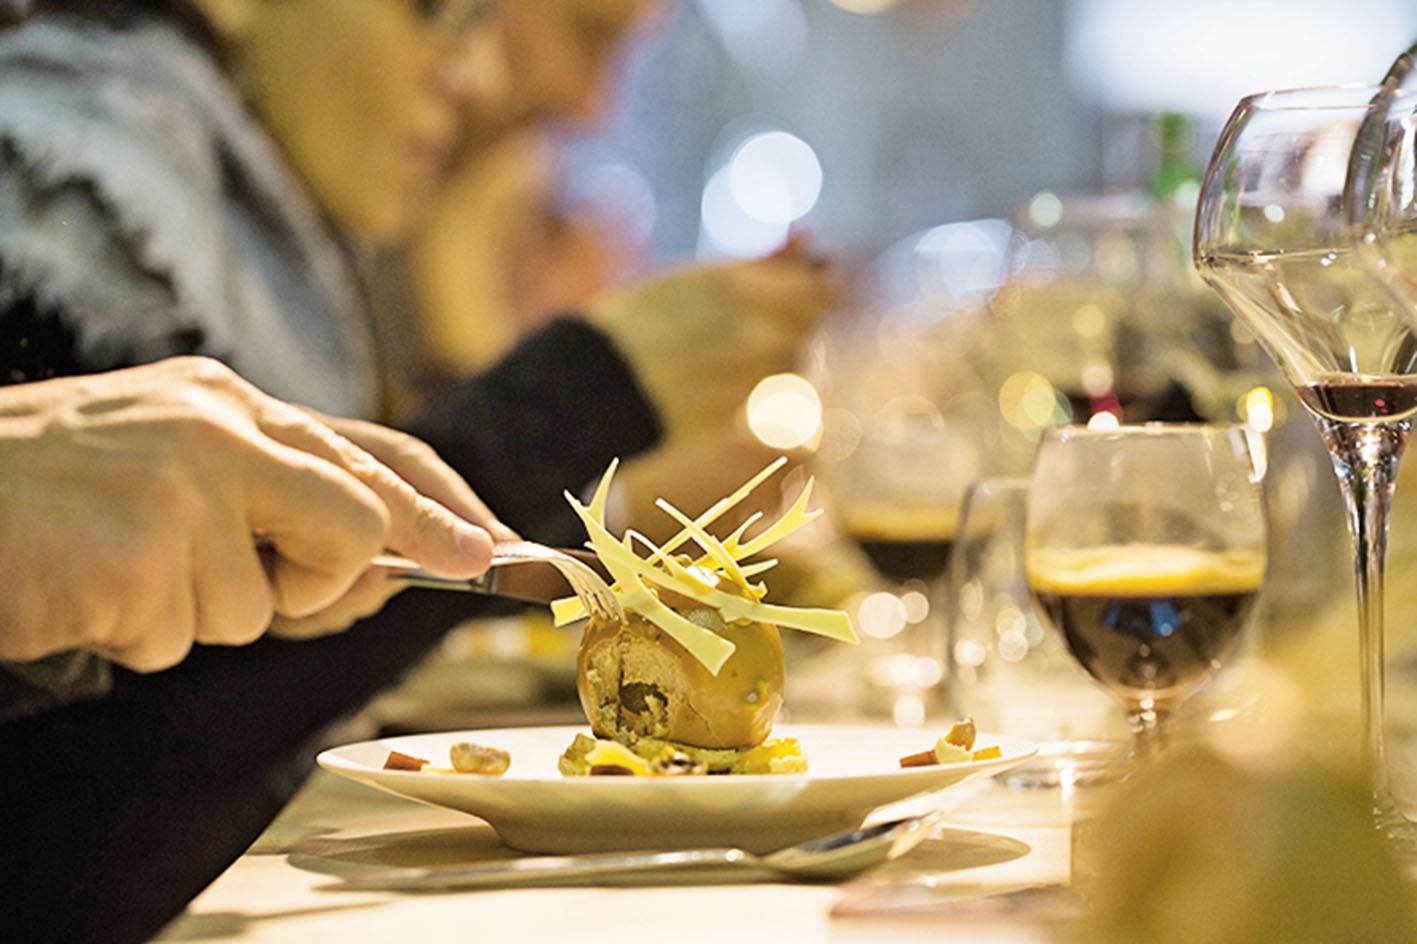 PÚBLICO - Experimentar cafés raros é nos restaurantes com estrelas Michelin